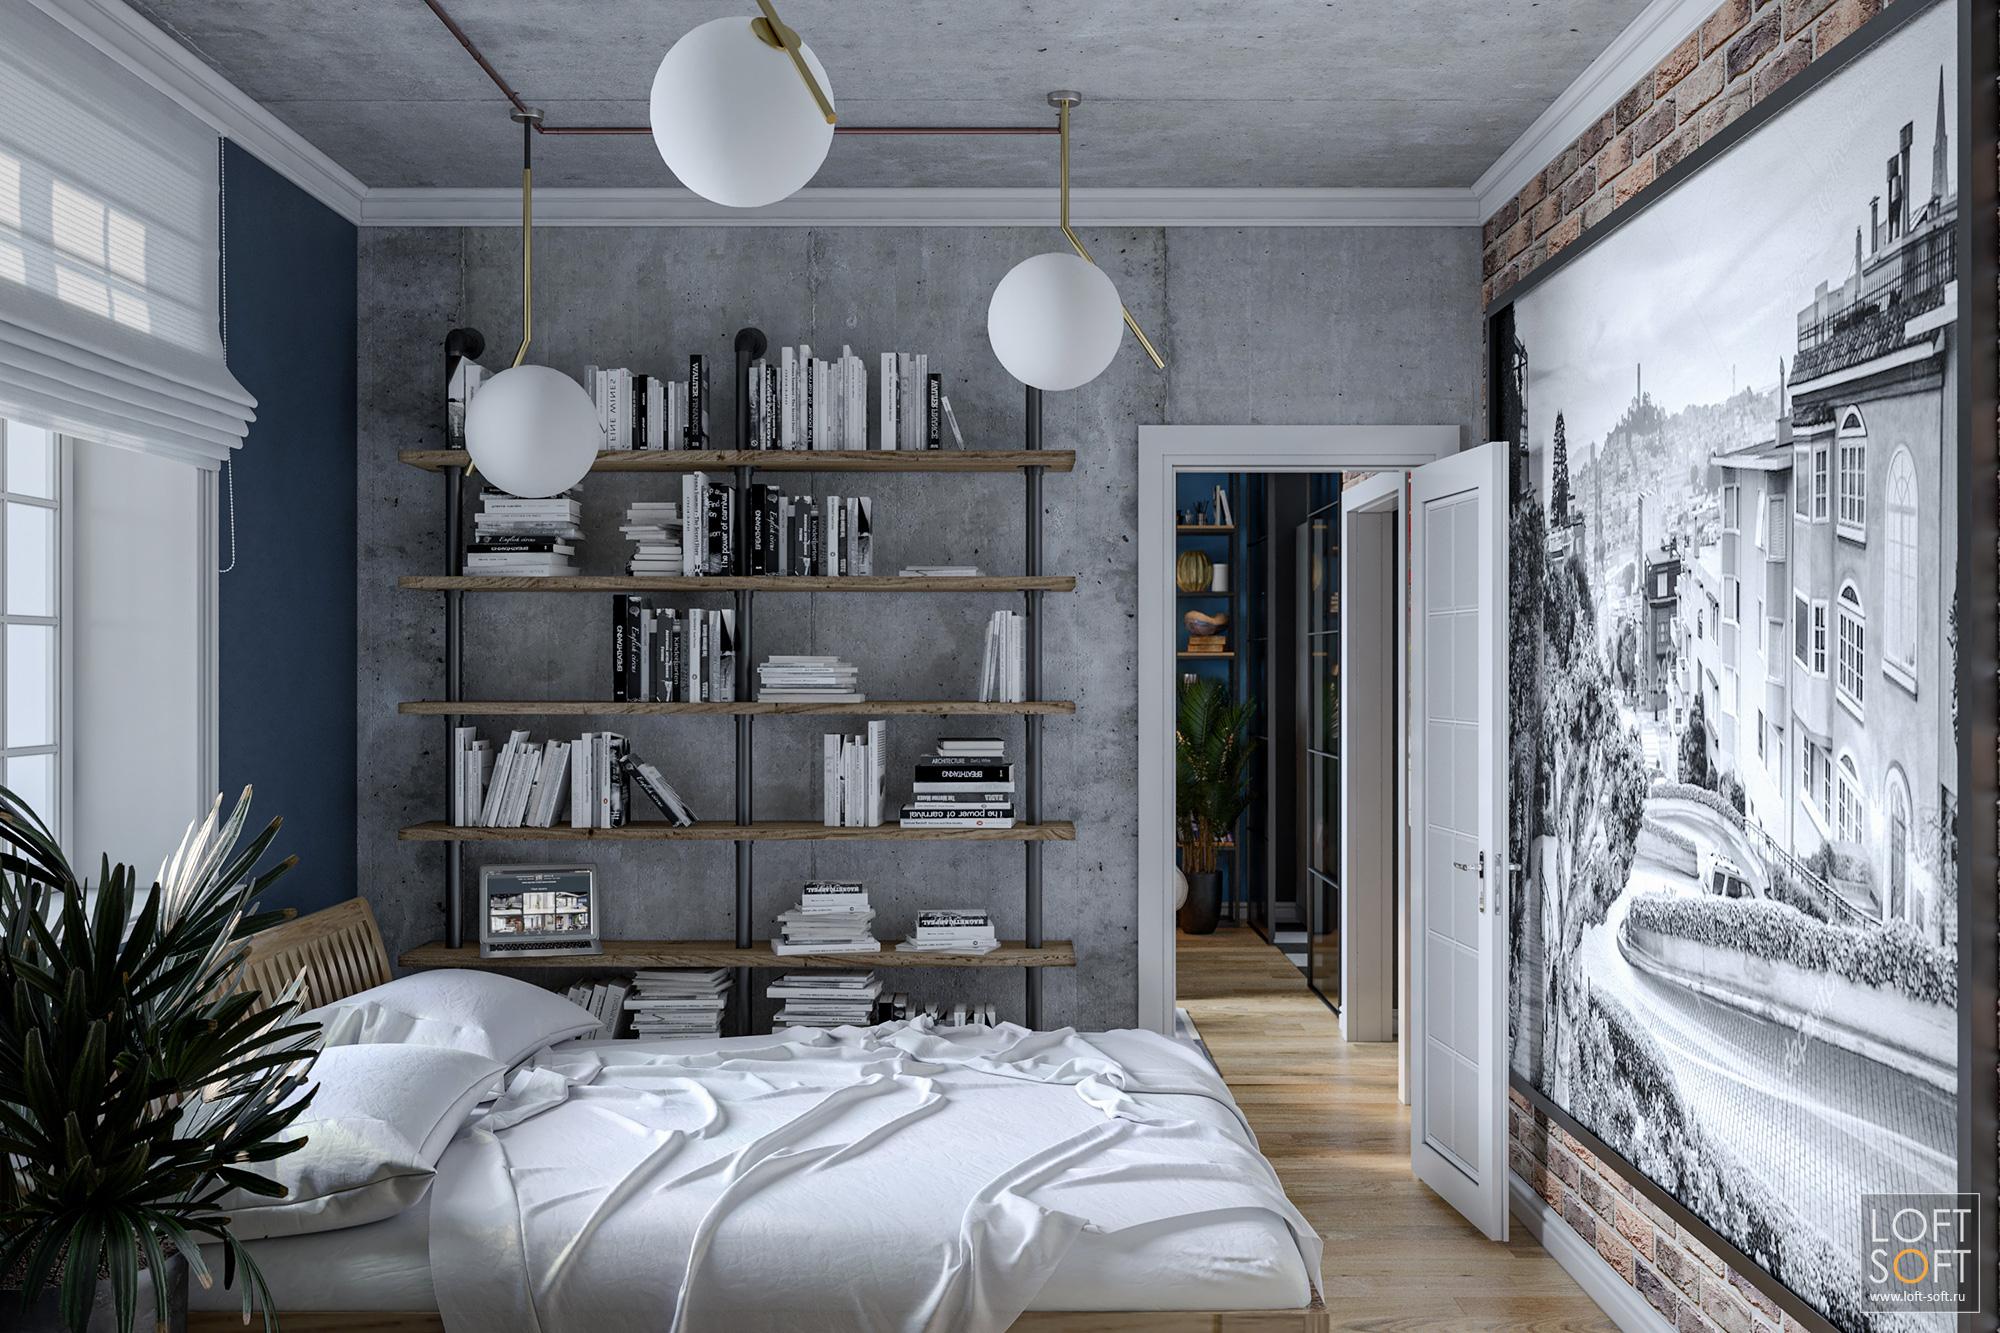 Бетонные стены вспальне, лофт винтерьере